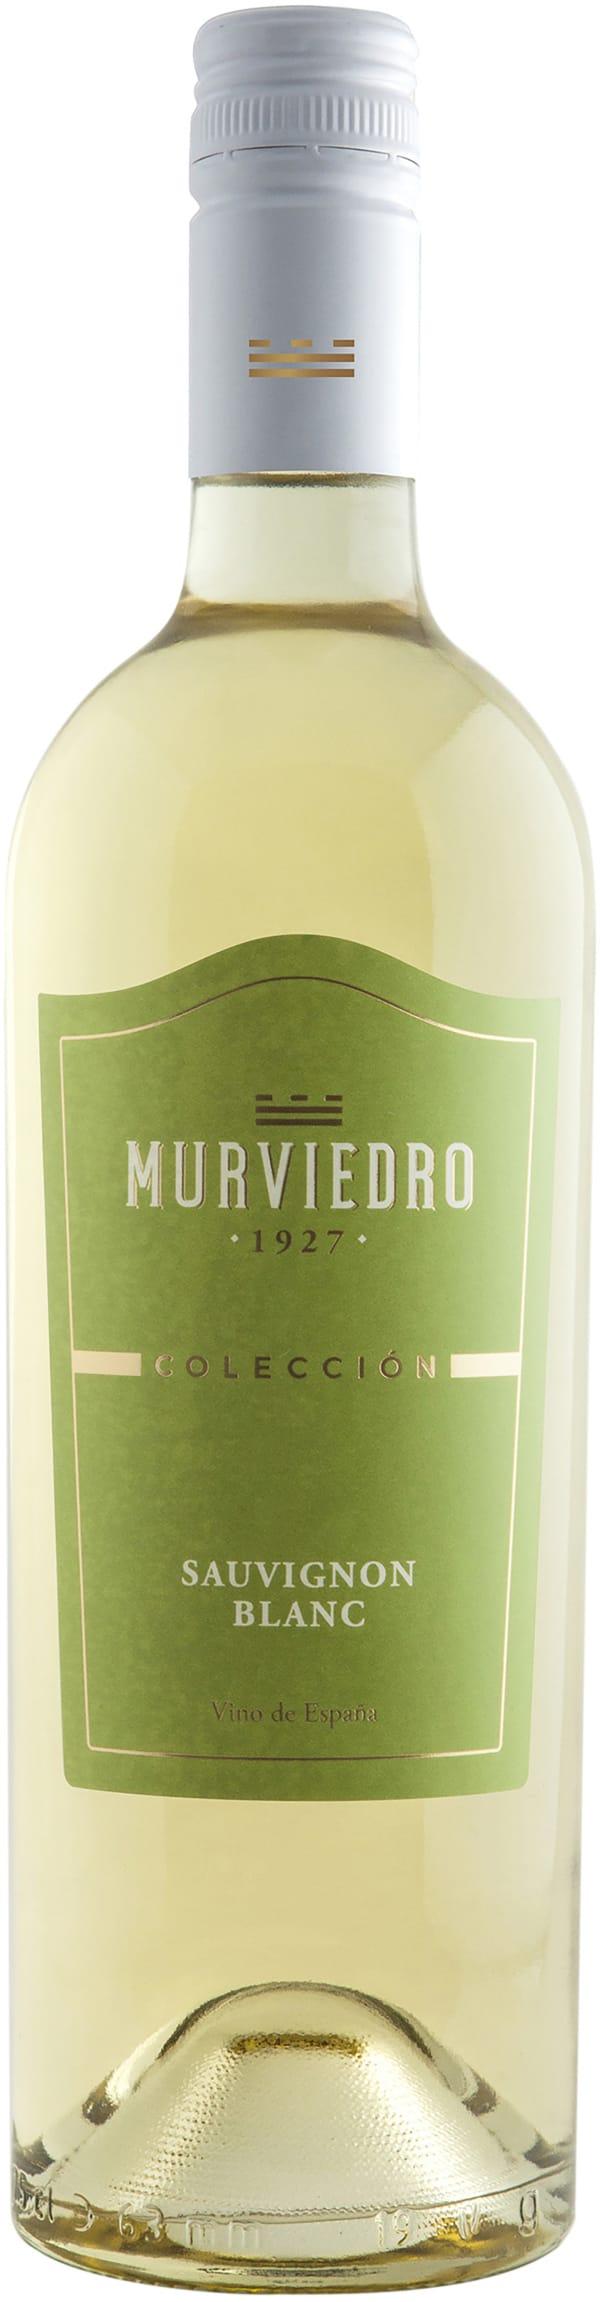 Murviedro Colección Sauvignon Blanc 2015